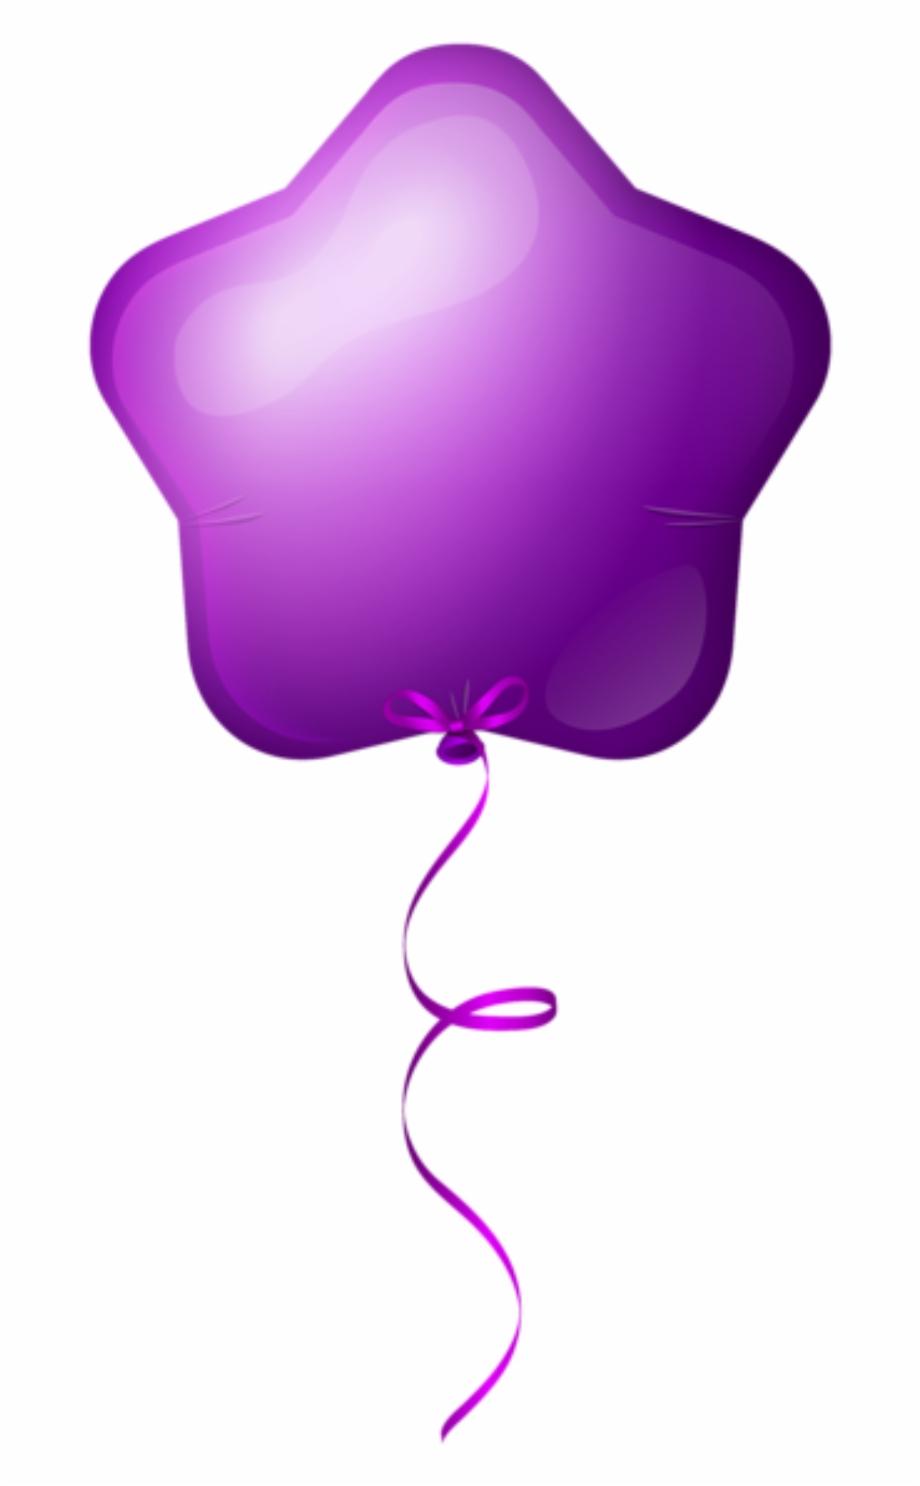 Baloes Balao Estrela Roxo Png Birthday Single Balloons Png